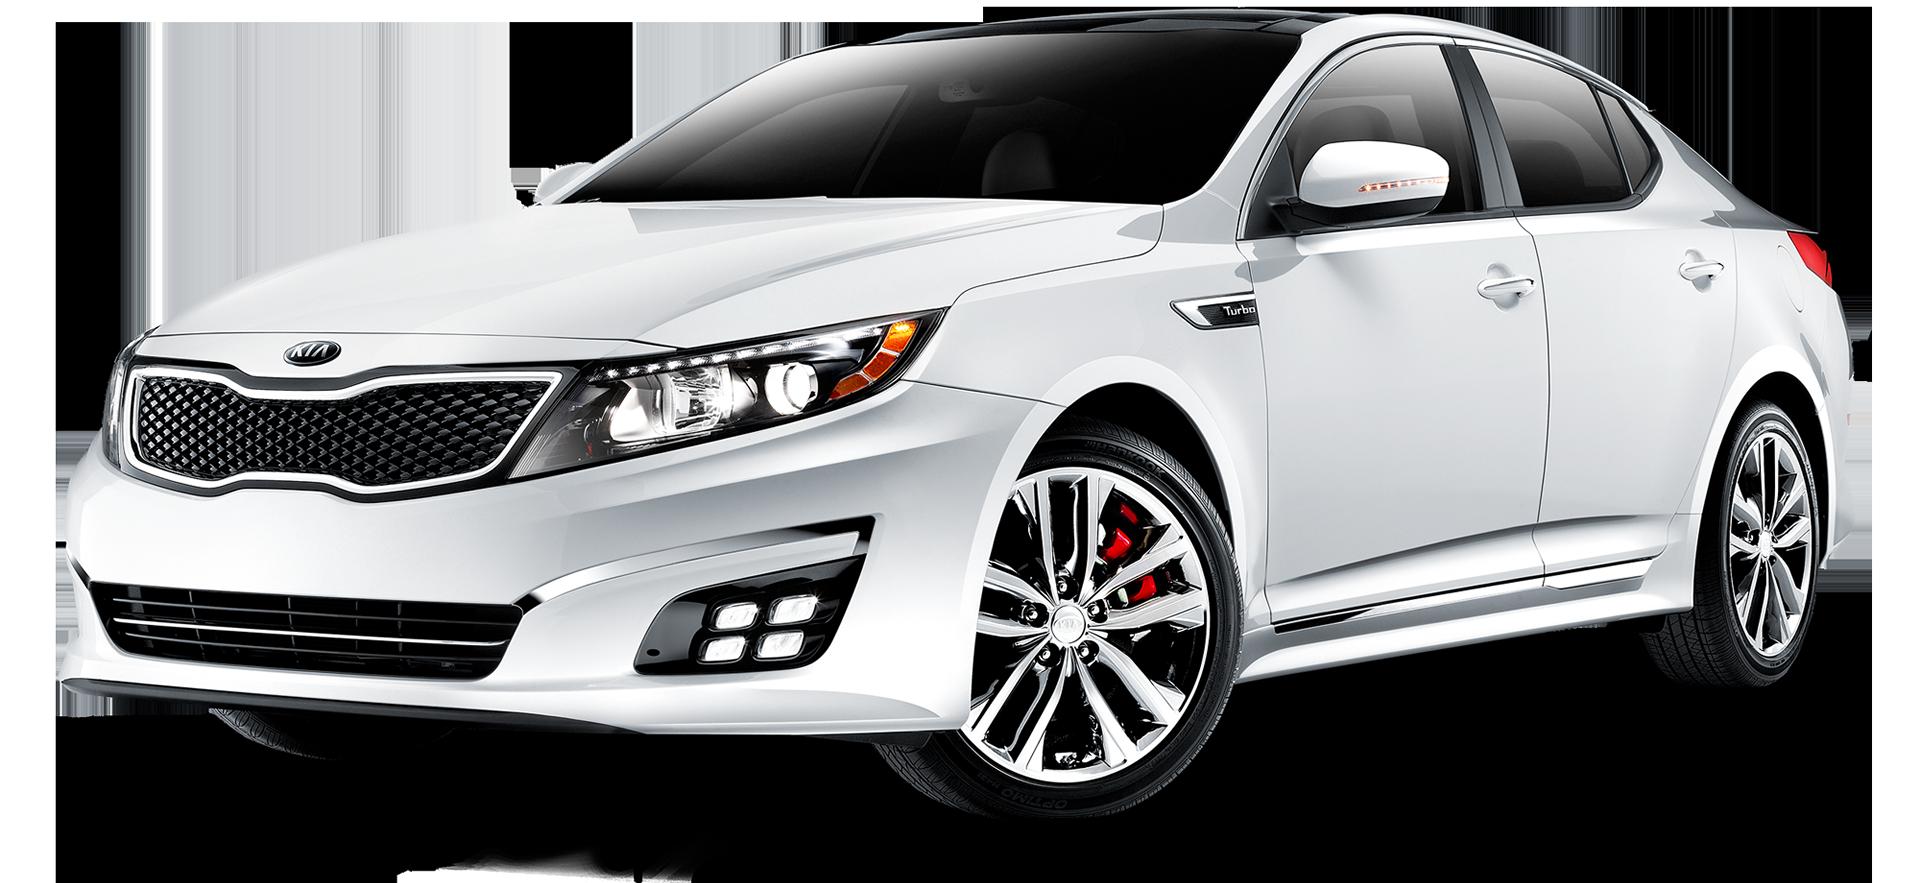 Top 4 2016 Kia Sedans To Drive - Optima/Sorento/Sportage/Soul